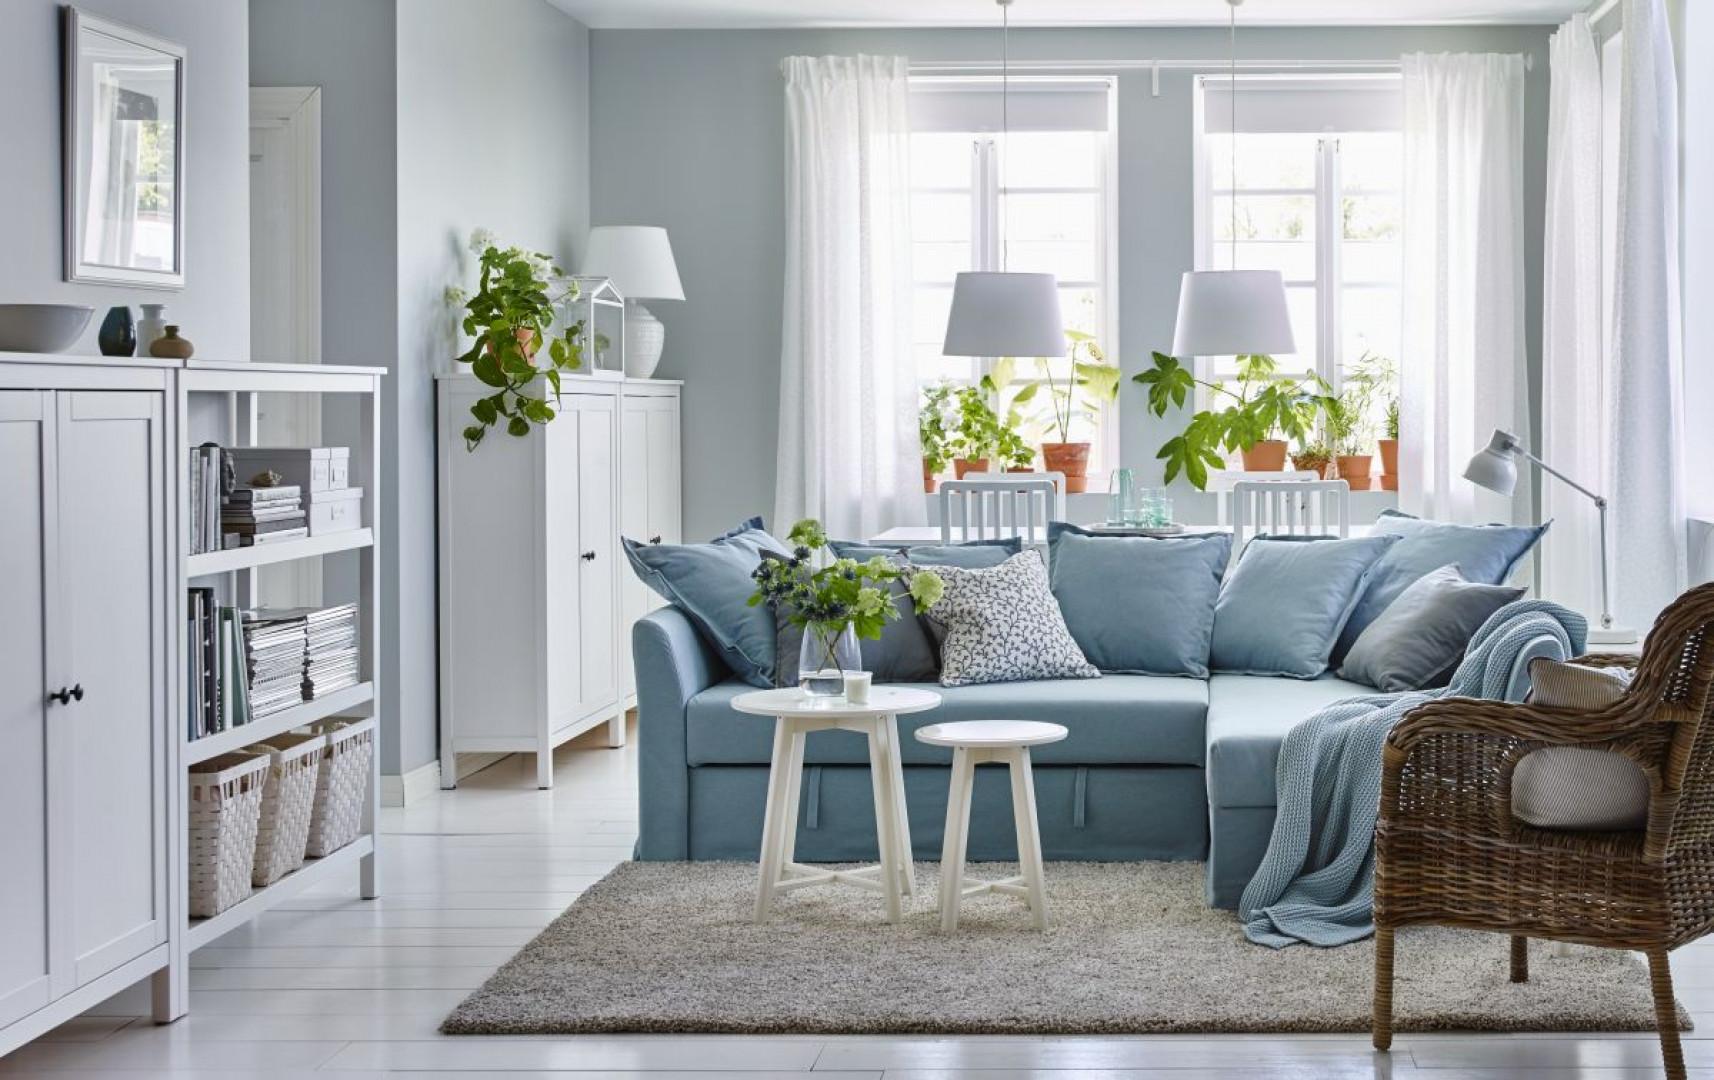 Niewielki narożnik - idealny do małego salonu. Fot. IKEA